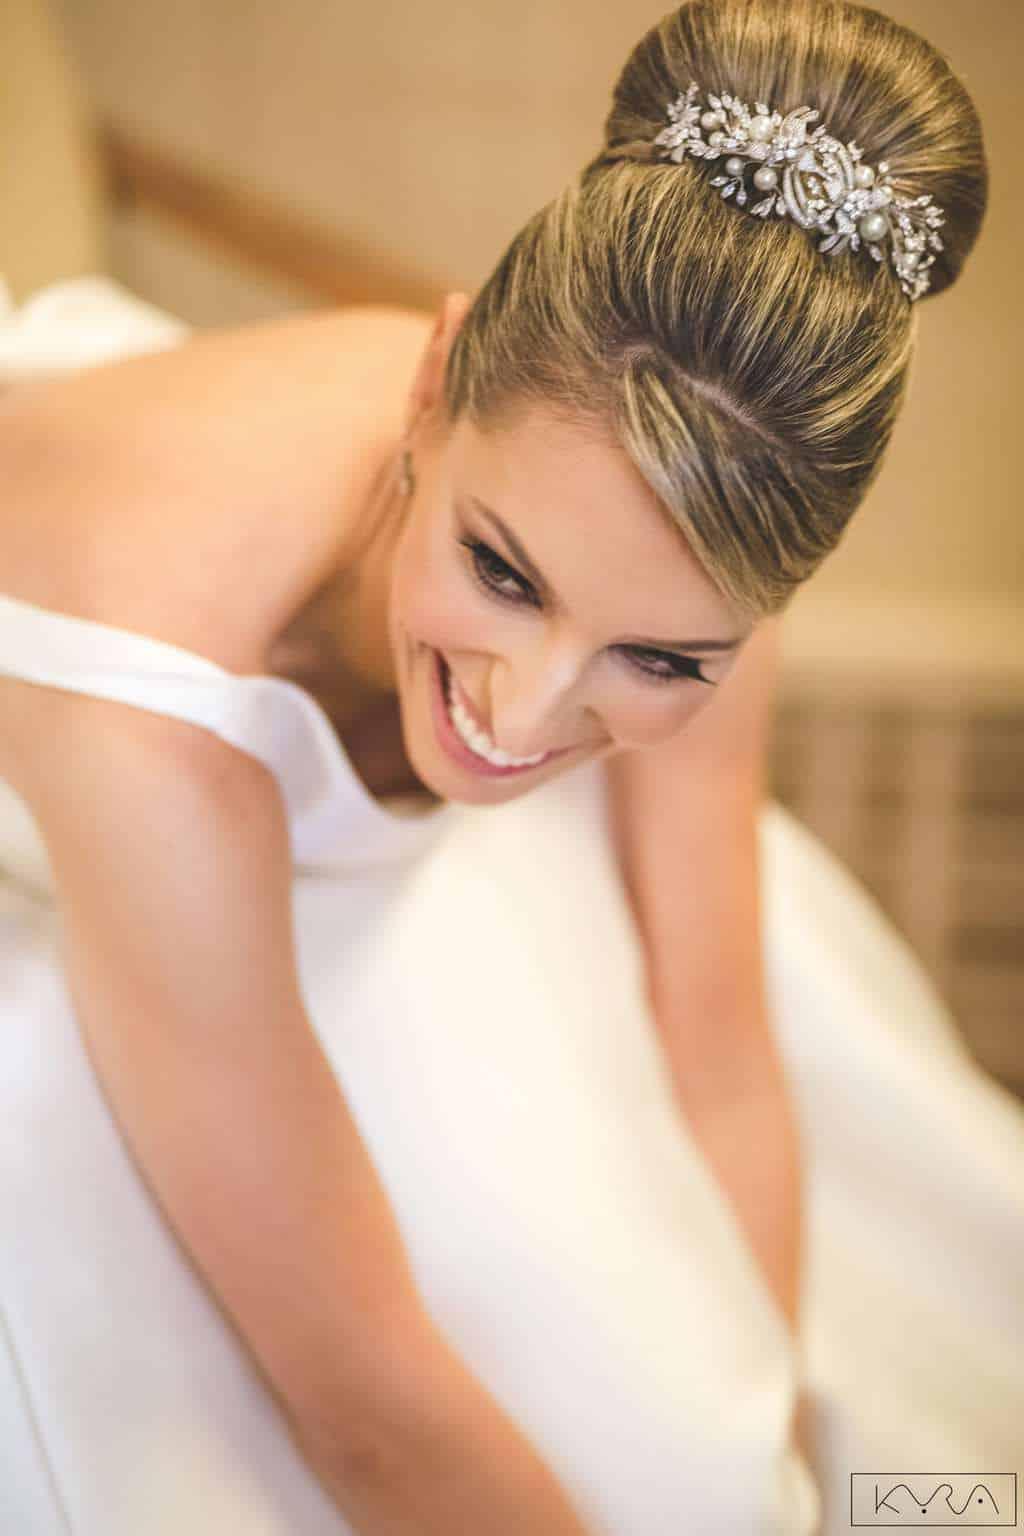 ana-carolina-e-bernardo-Anna-Carolina-Werneck-beleza-da-noiva-casamento-tradicional-Gavea-Golf-Club-Kyra-Mirsky-making-of-mini-wedding-noiva-verde-e-rosa-casamento-42-1